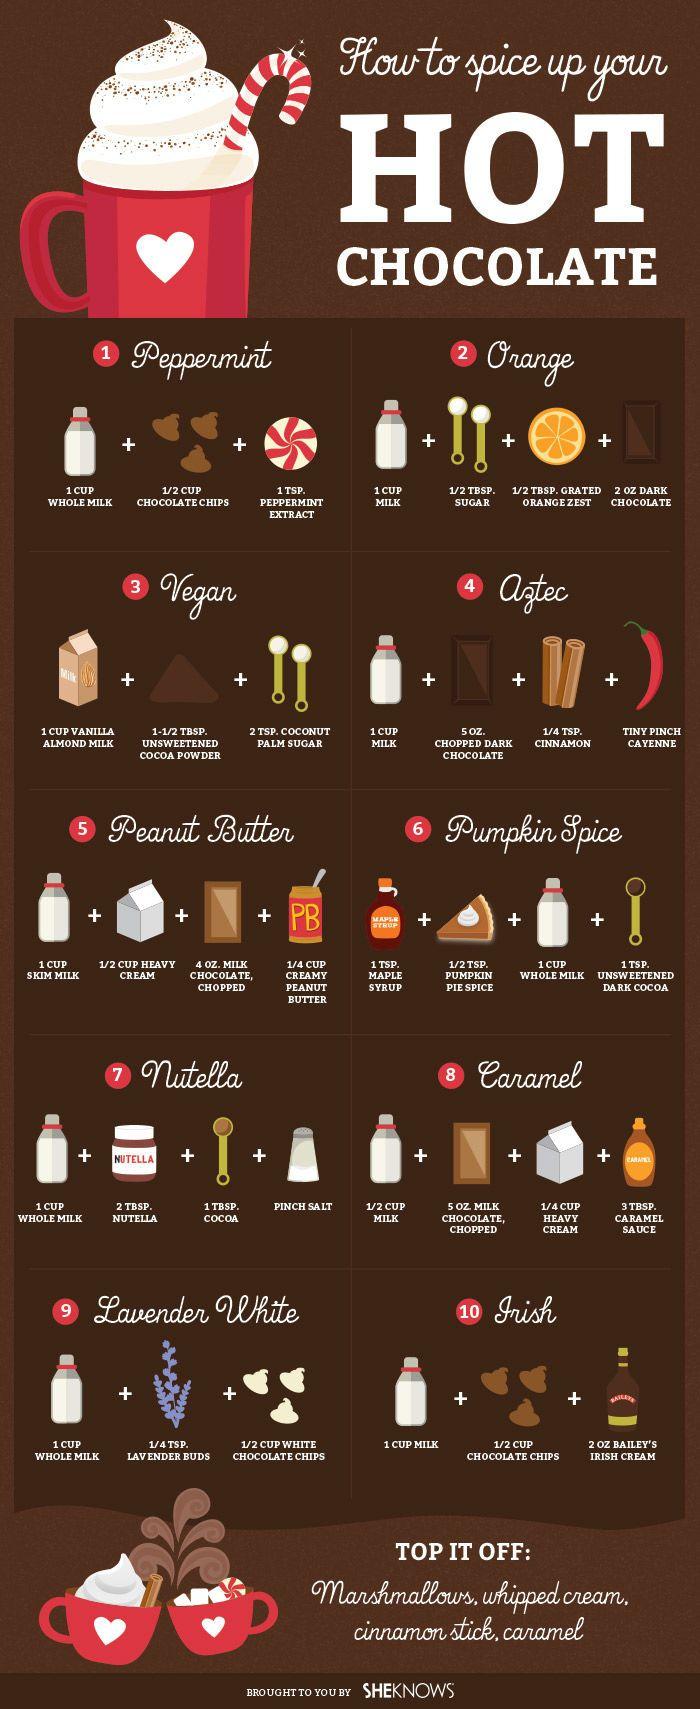 ways to make hot chocolate better